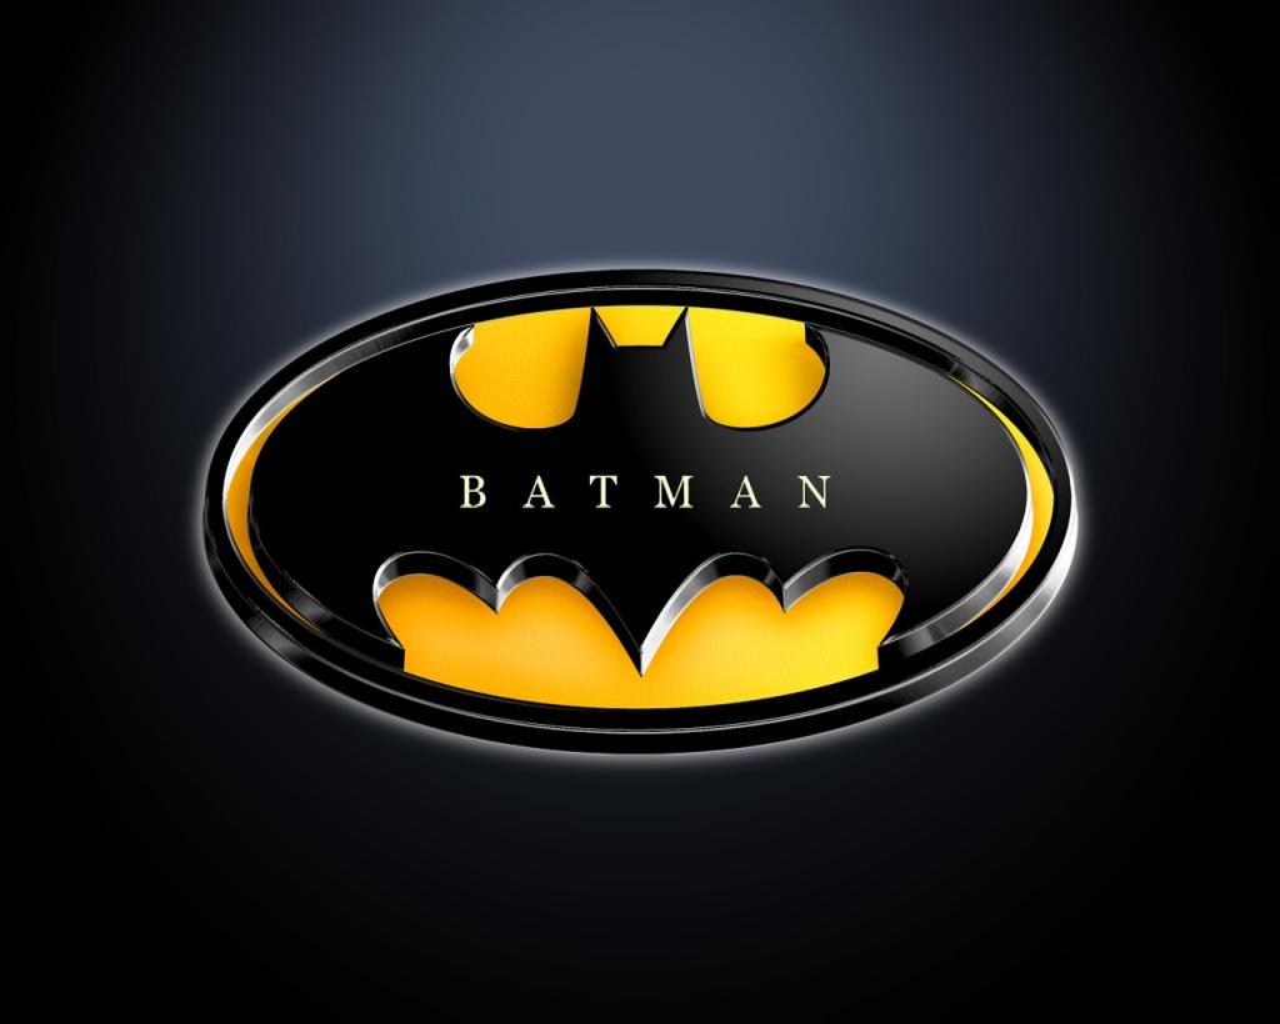 Batman Logo Graphic PPT Backgrounds